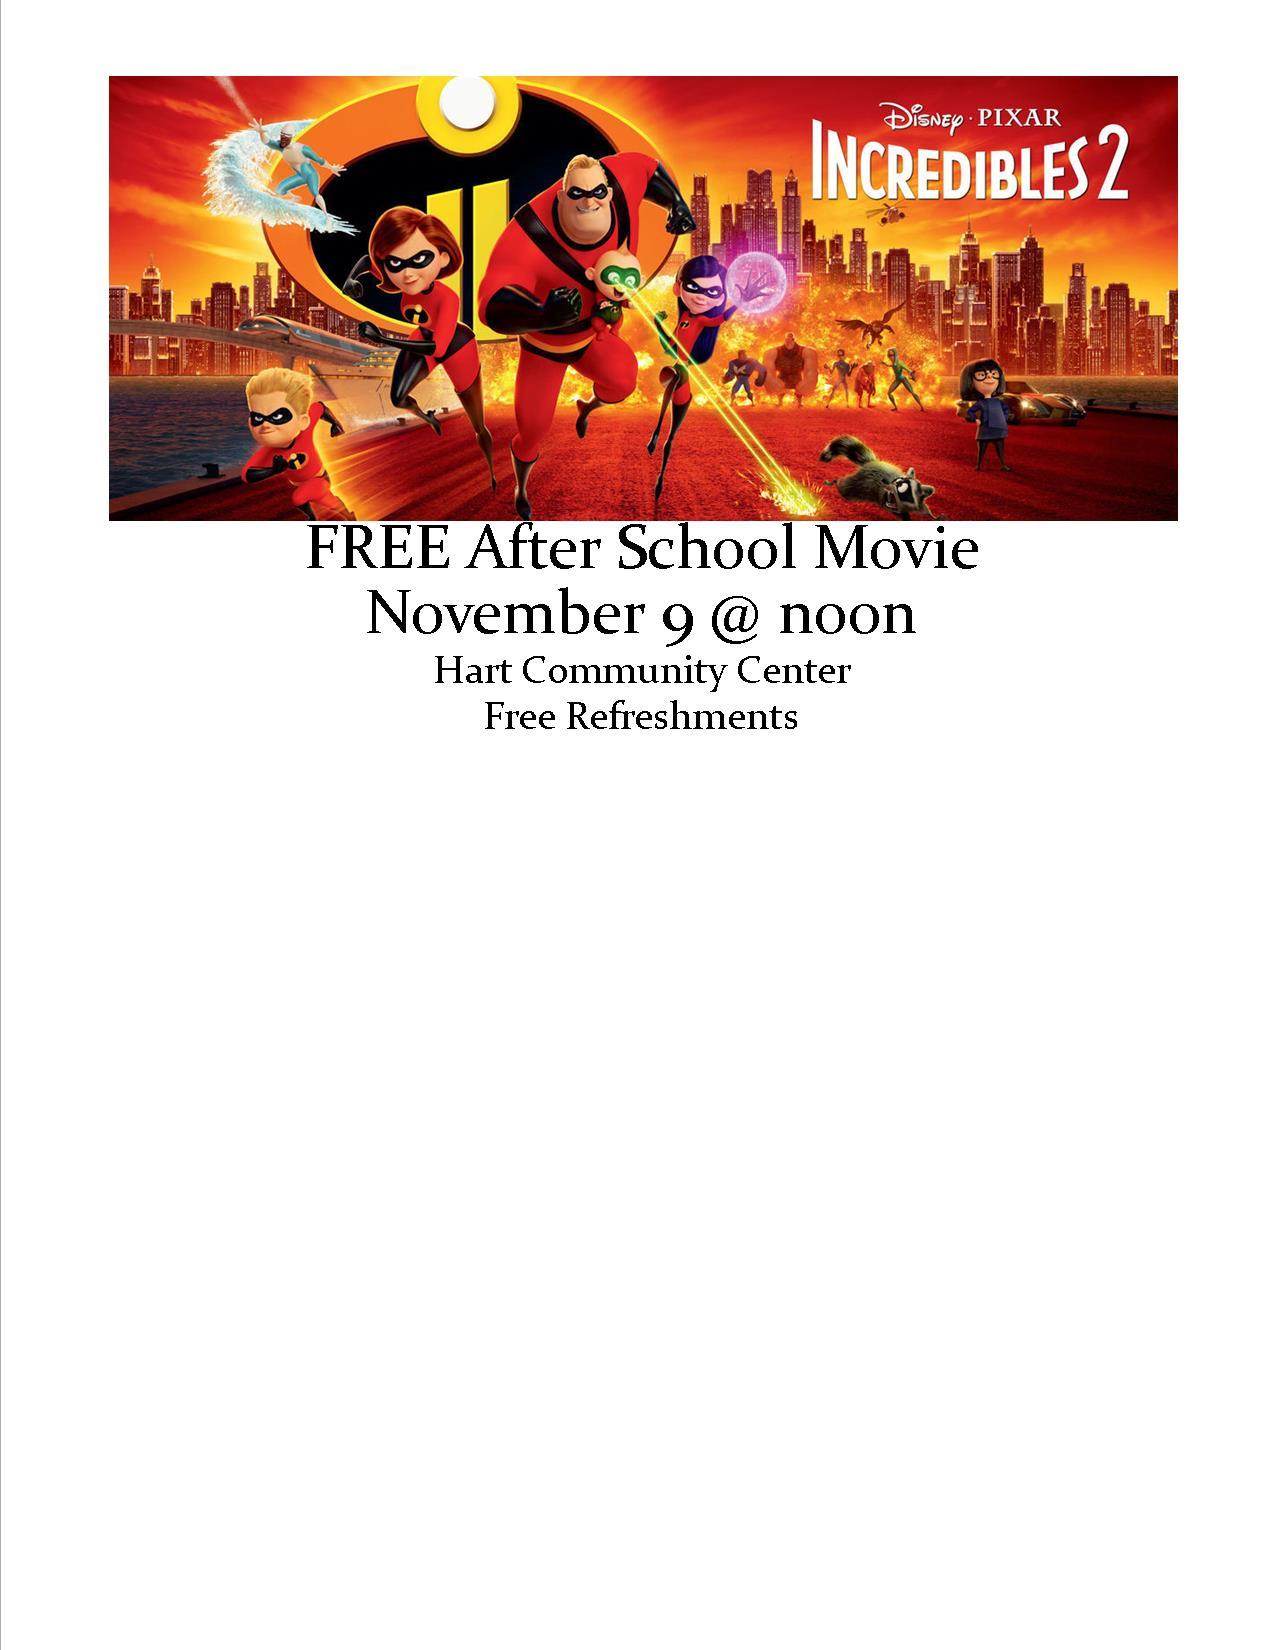 Incredibles website 1.jpg